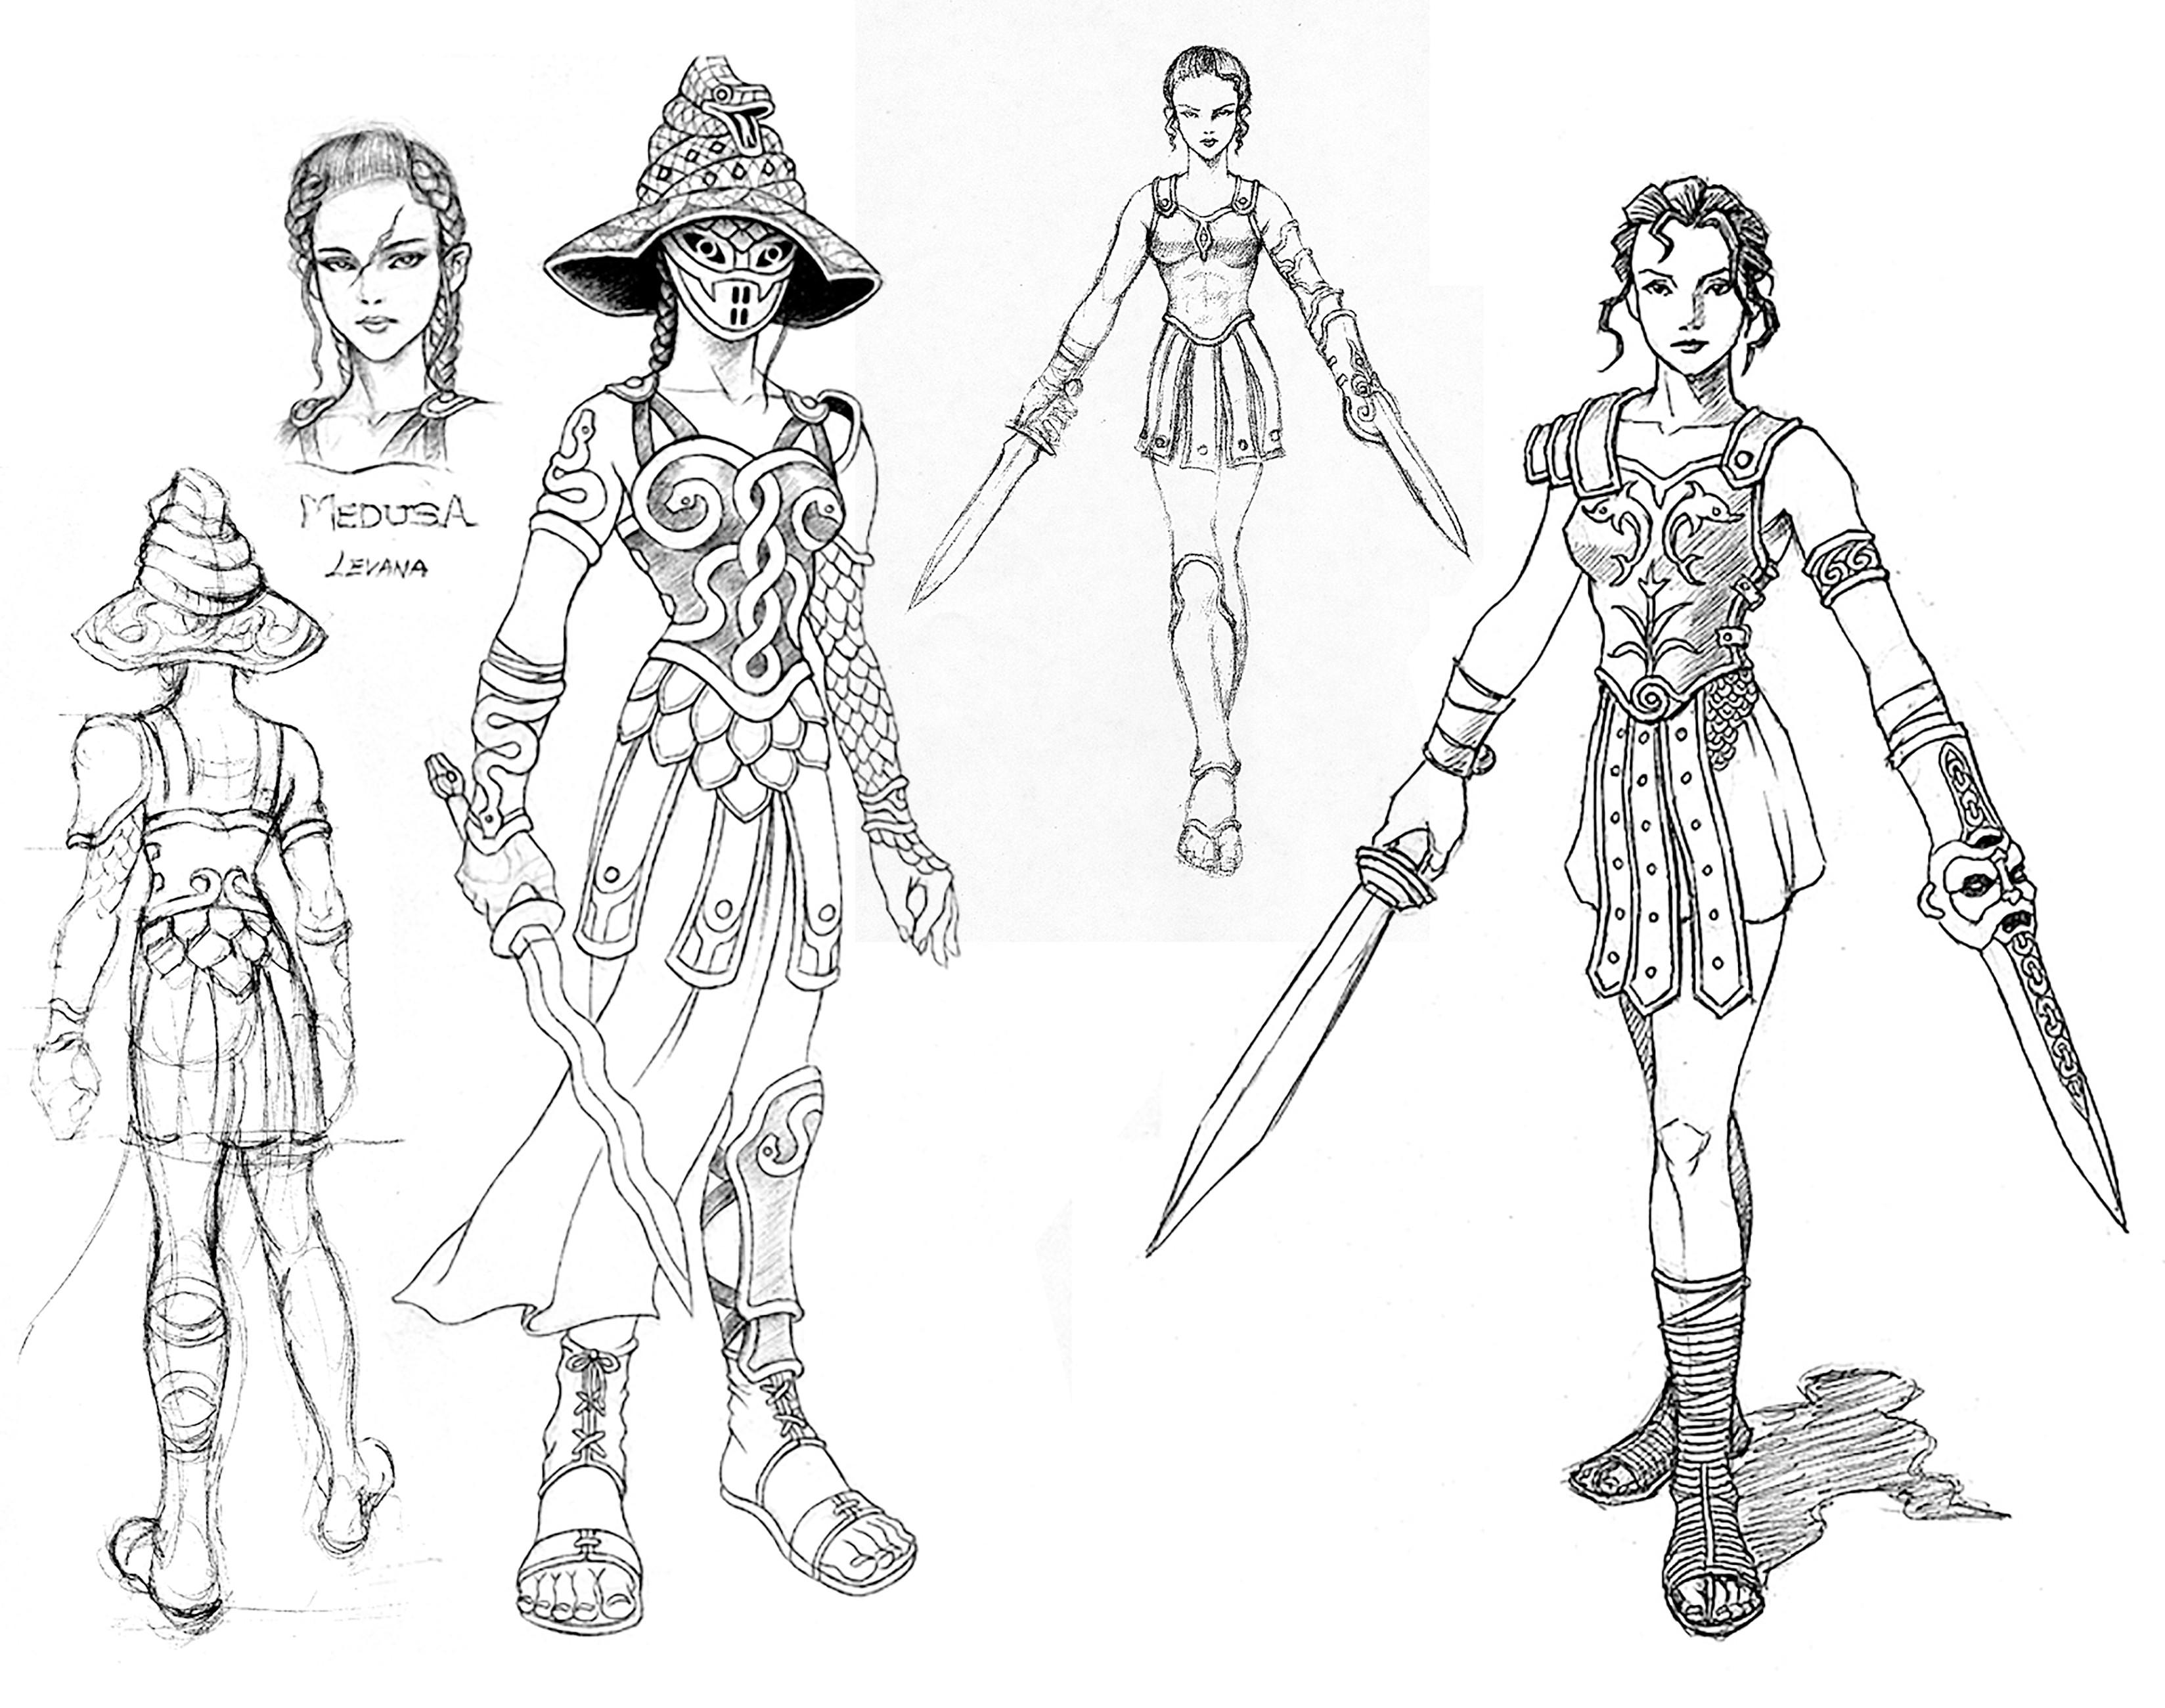 Gladiator - Concept